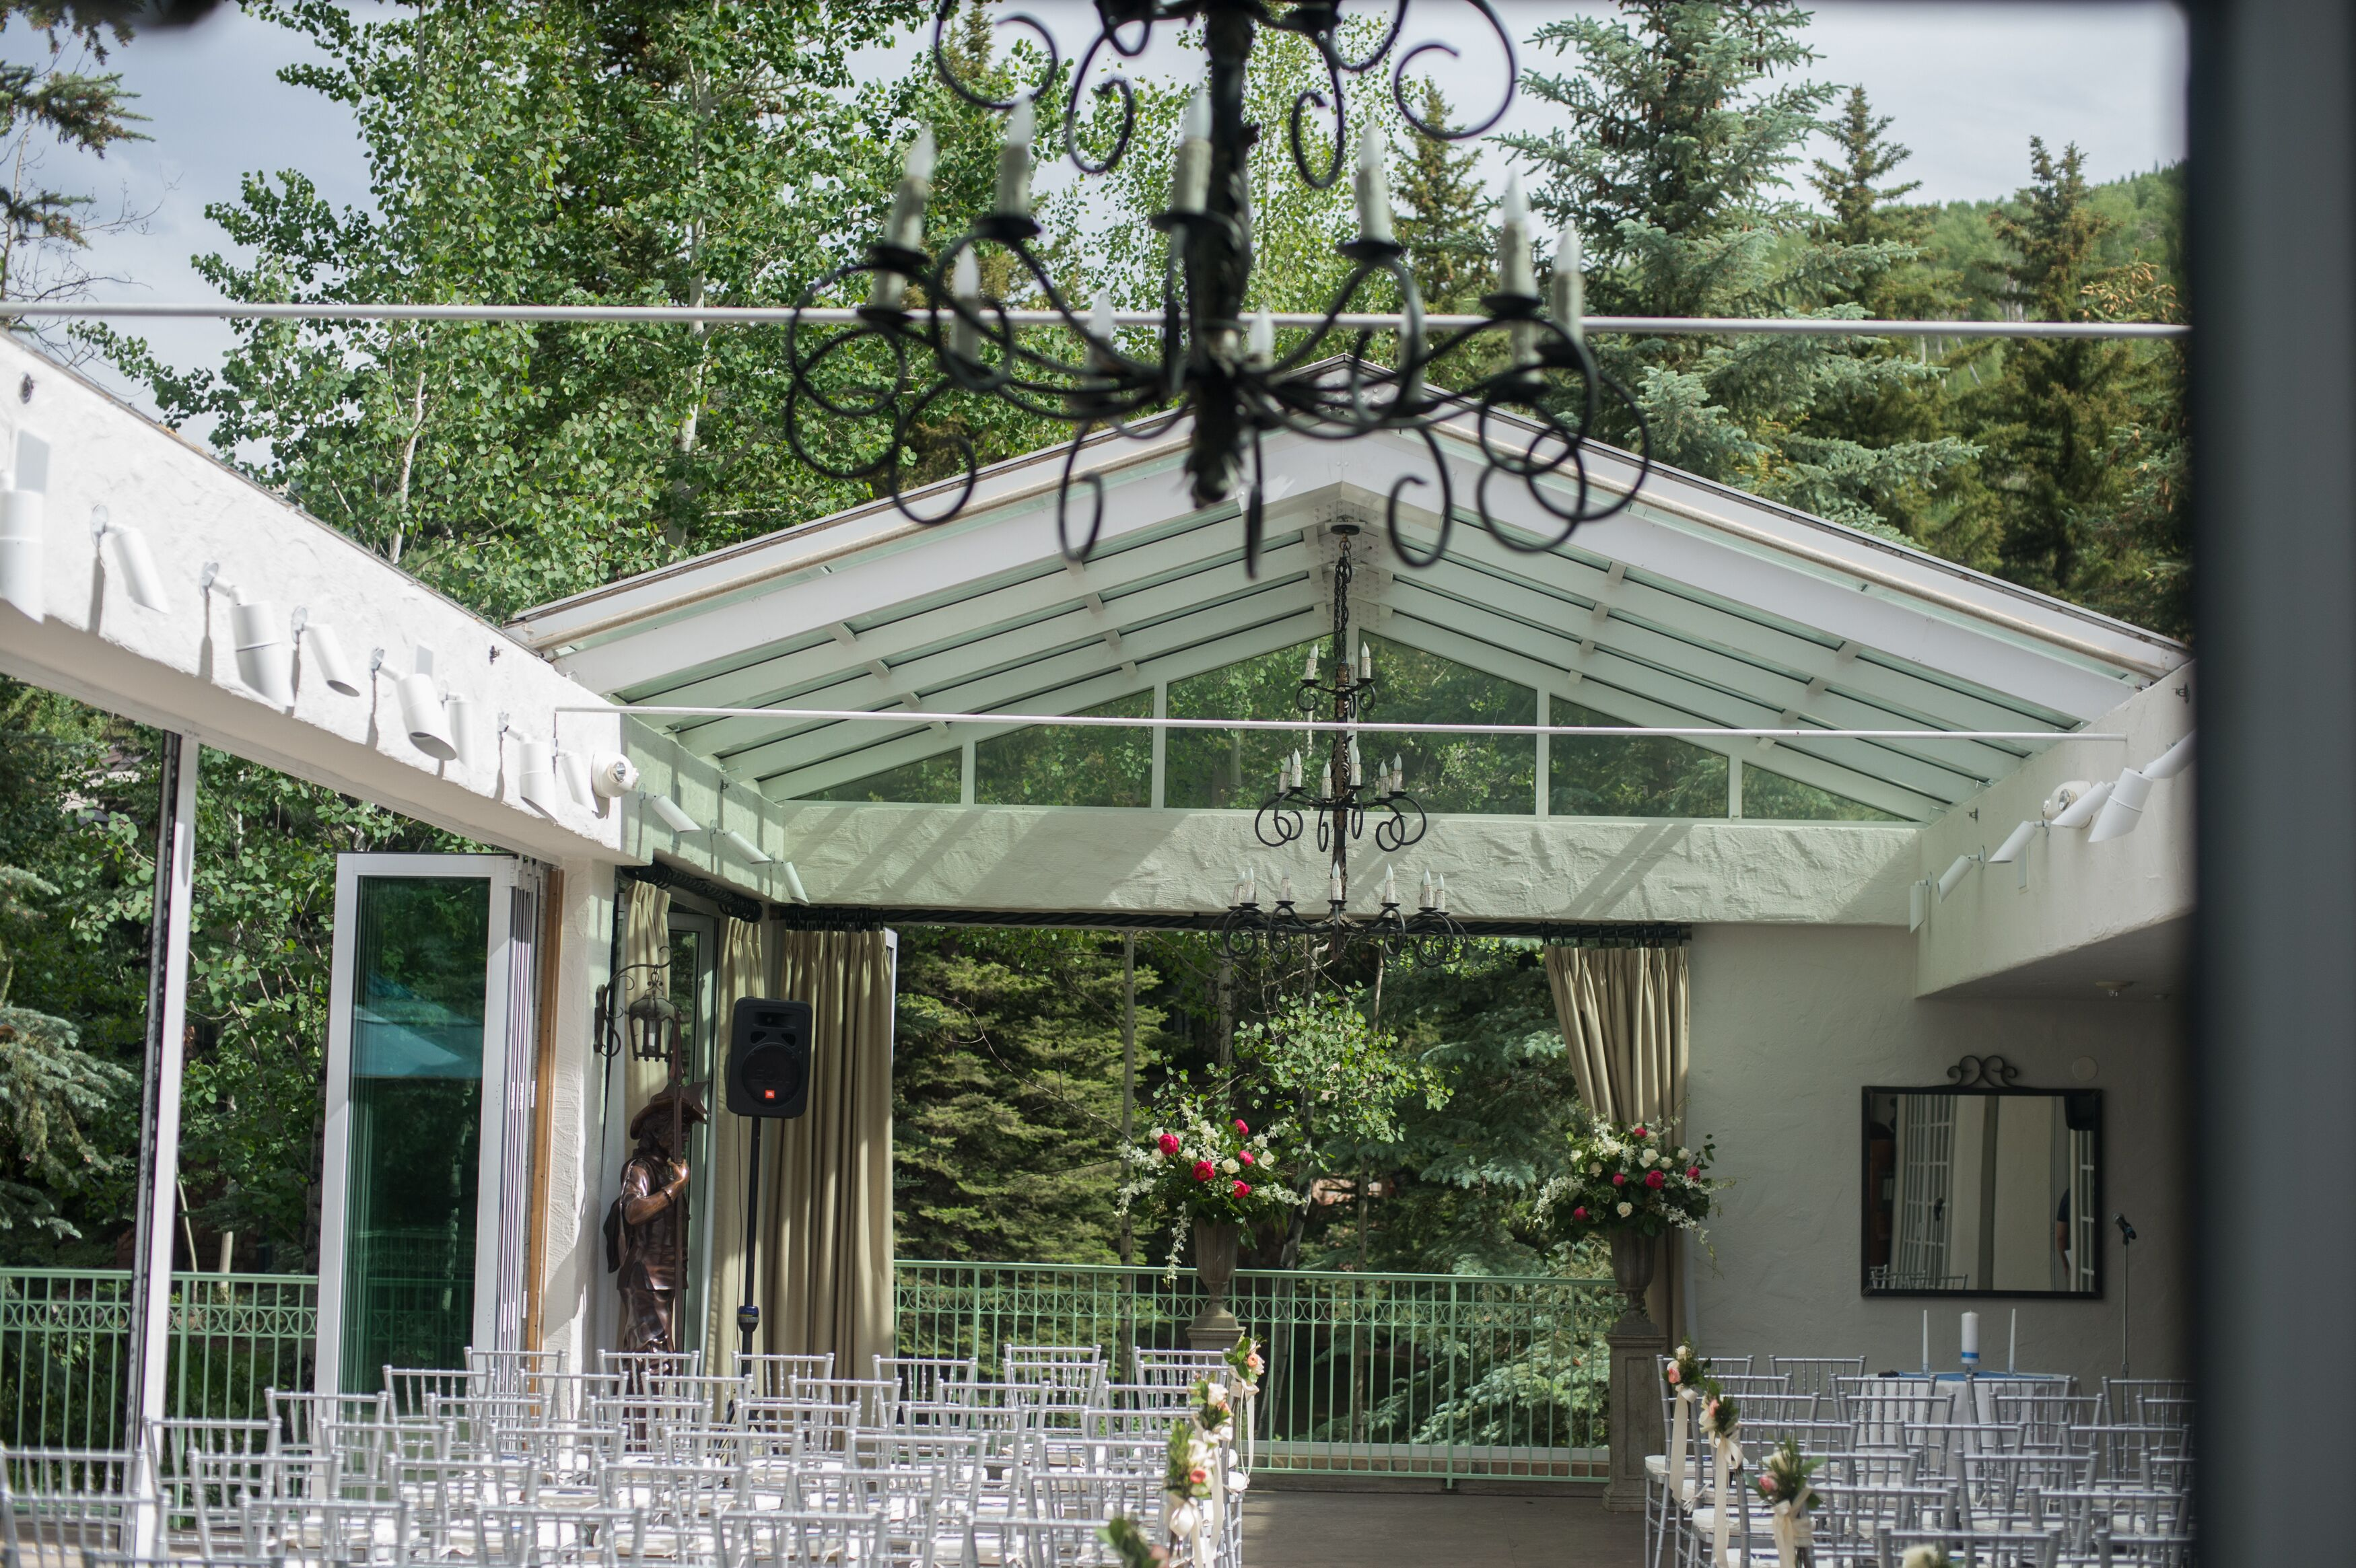 sonnenalp hotel ceremony venue